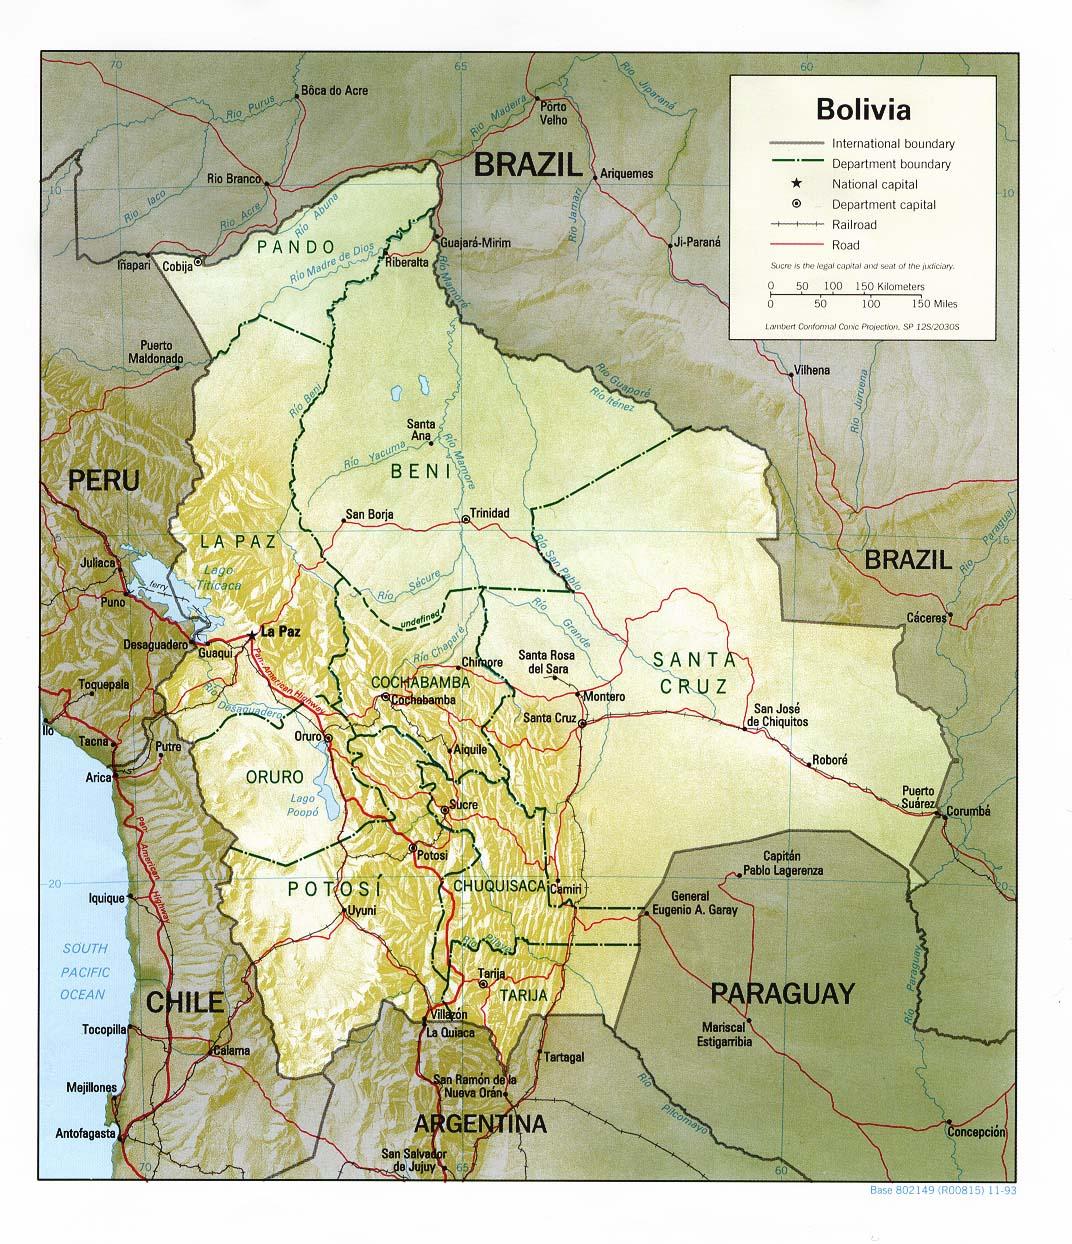 Bolivia Mapa de Relieve 1993.